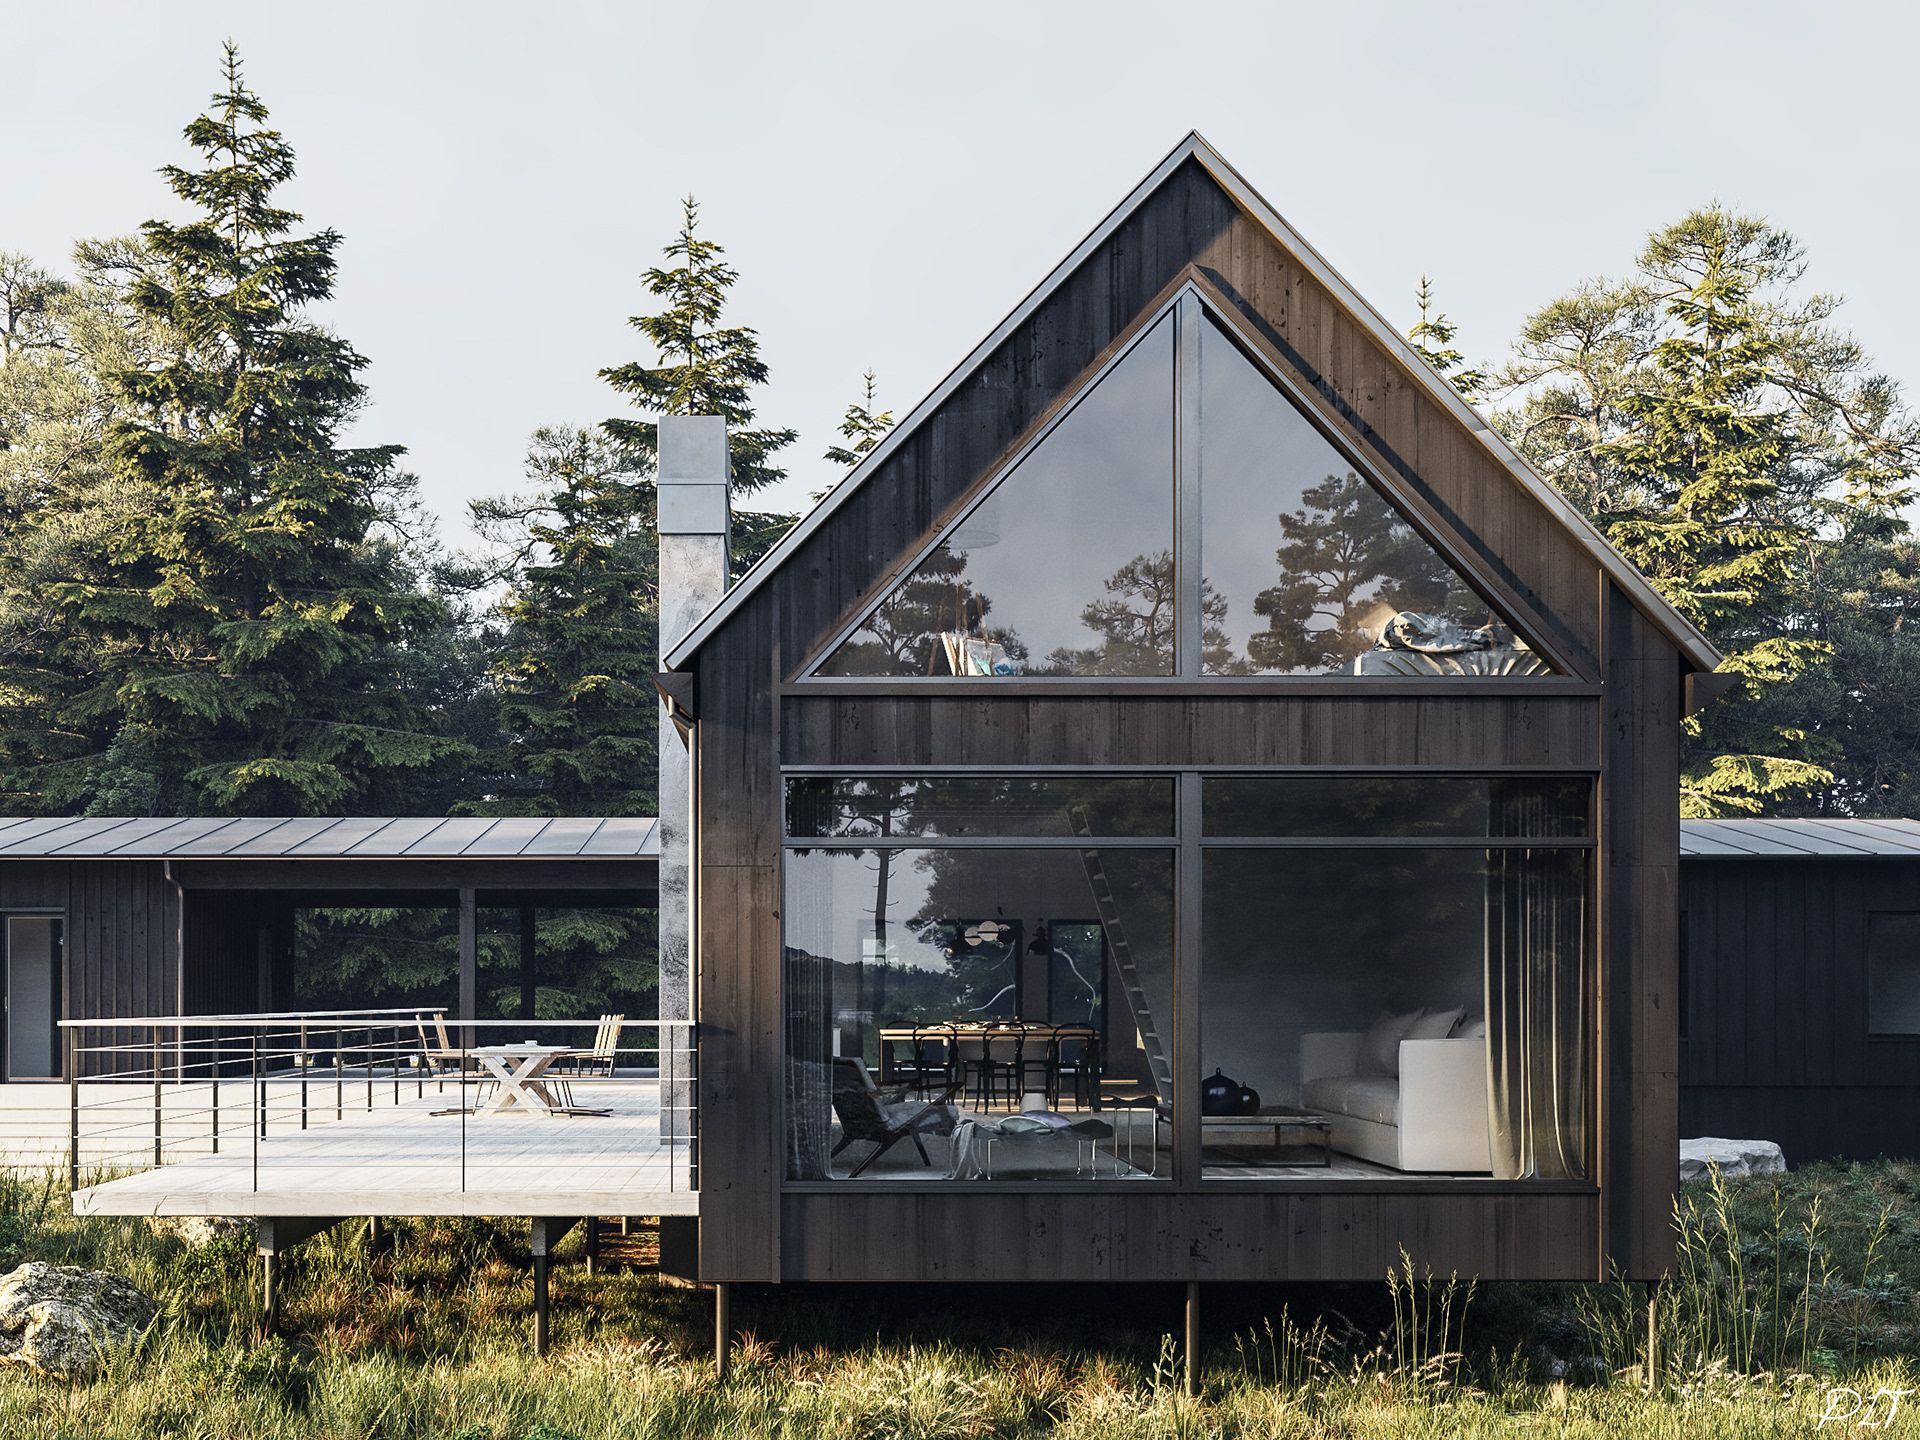 Architecte Le Mans cover sommarhus kod arkitekter foto mans berg on behance en